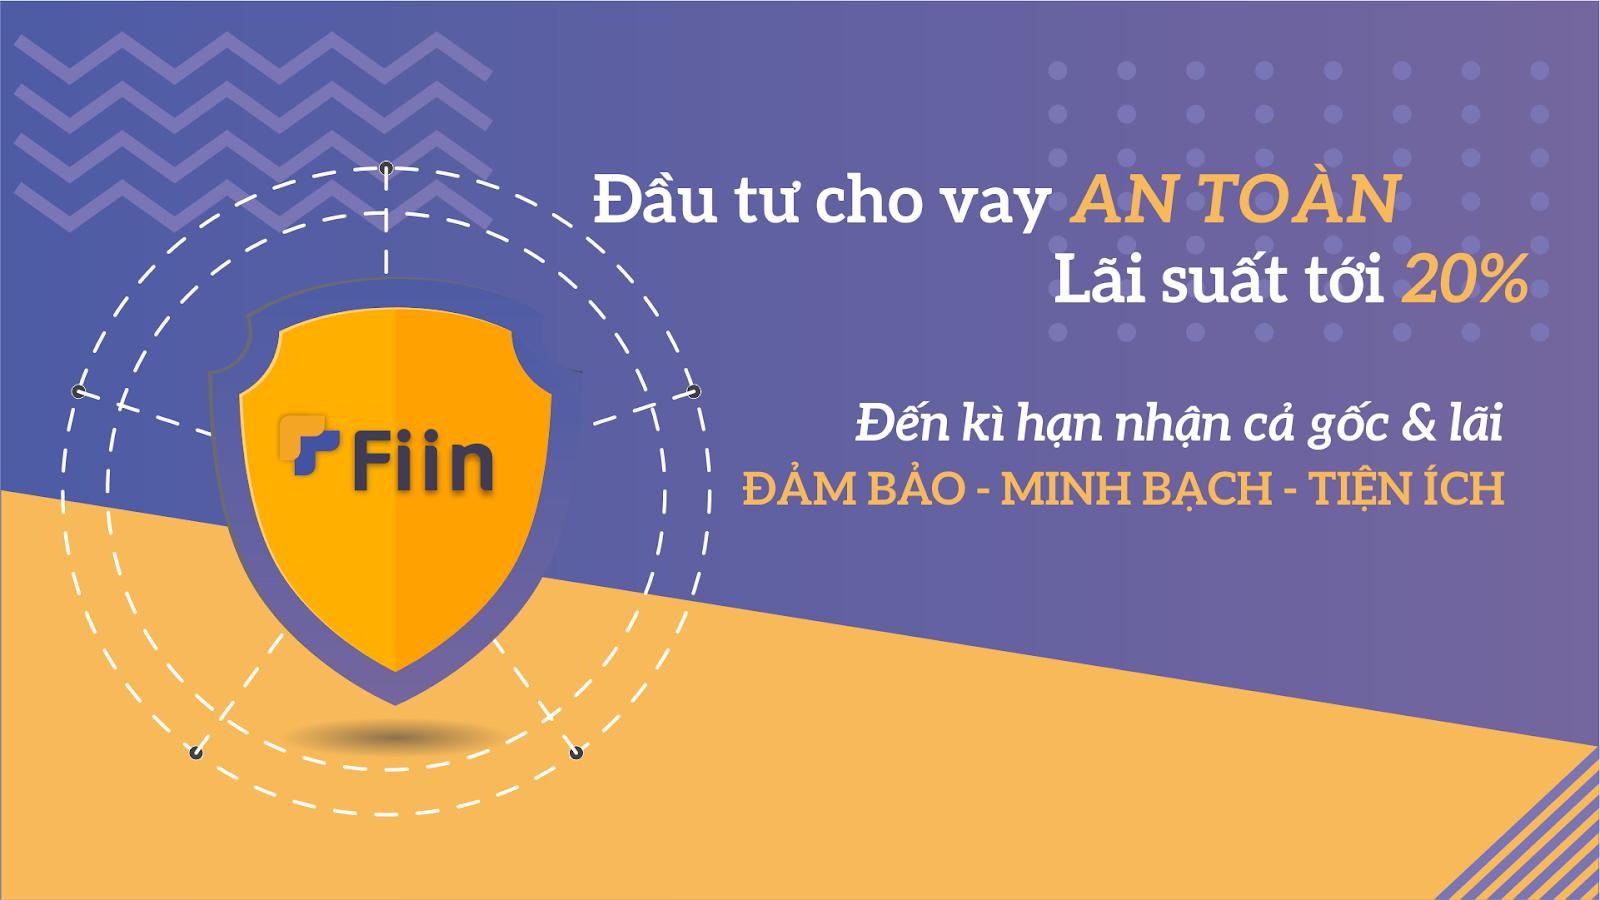 Bằng việc áp dụng công nghệ hiện đại bậc nhất như AI, Big Data,... Fiin đem tới giải pháp tài chính hàng đầu cho người Việt